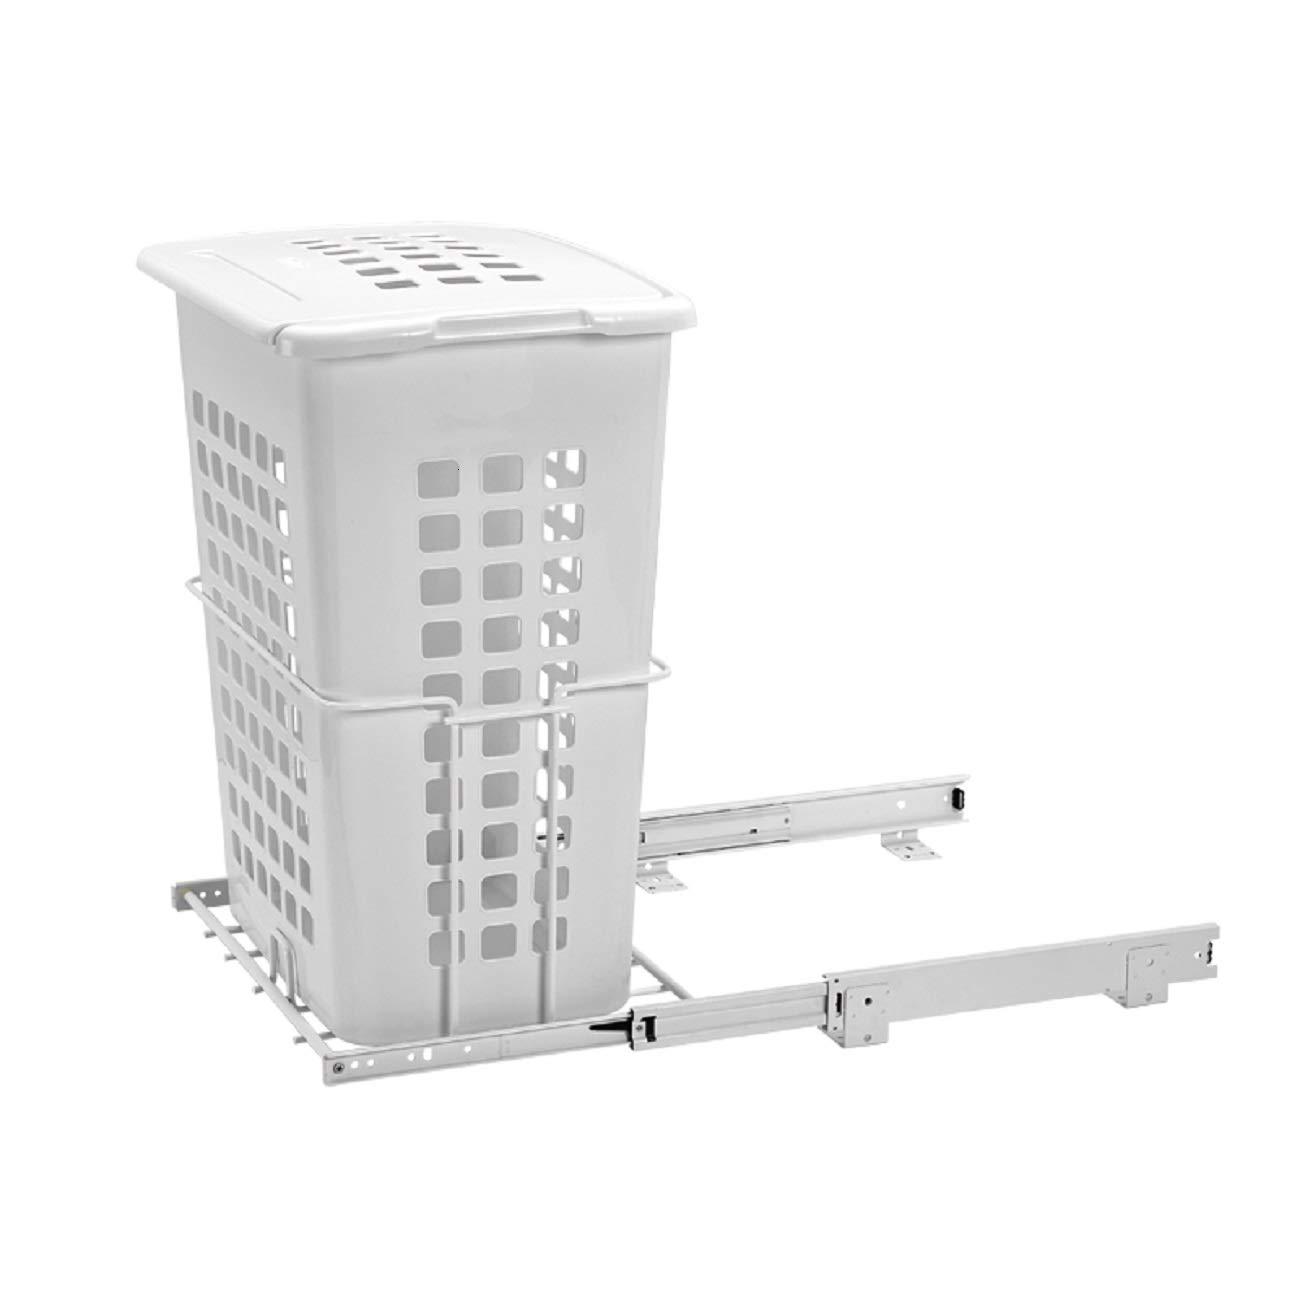 ハンパー下部取り付けワイヤ ポリマー容器/蓋付き クローゼット用 HPRV-1925 S - 2 BSHL - ホワイト B01BH80SEG